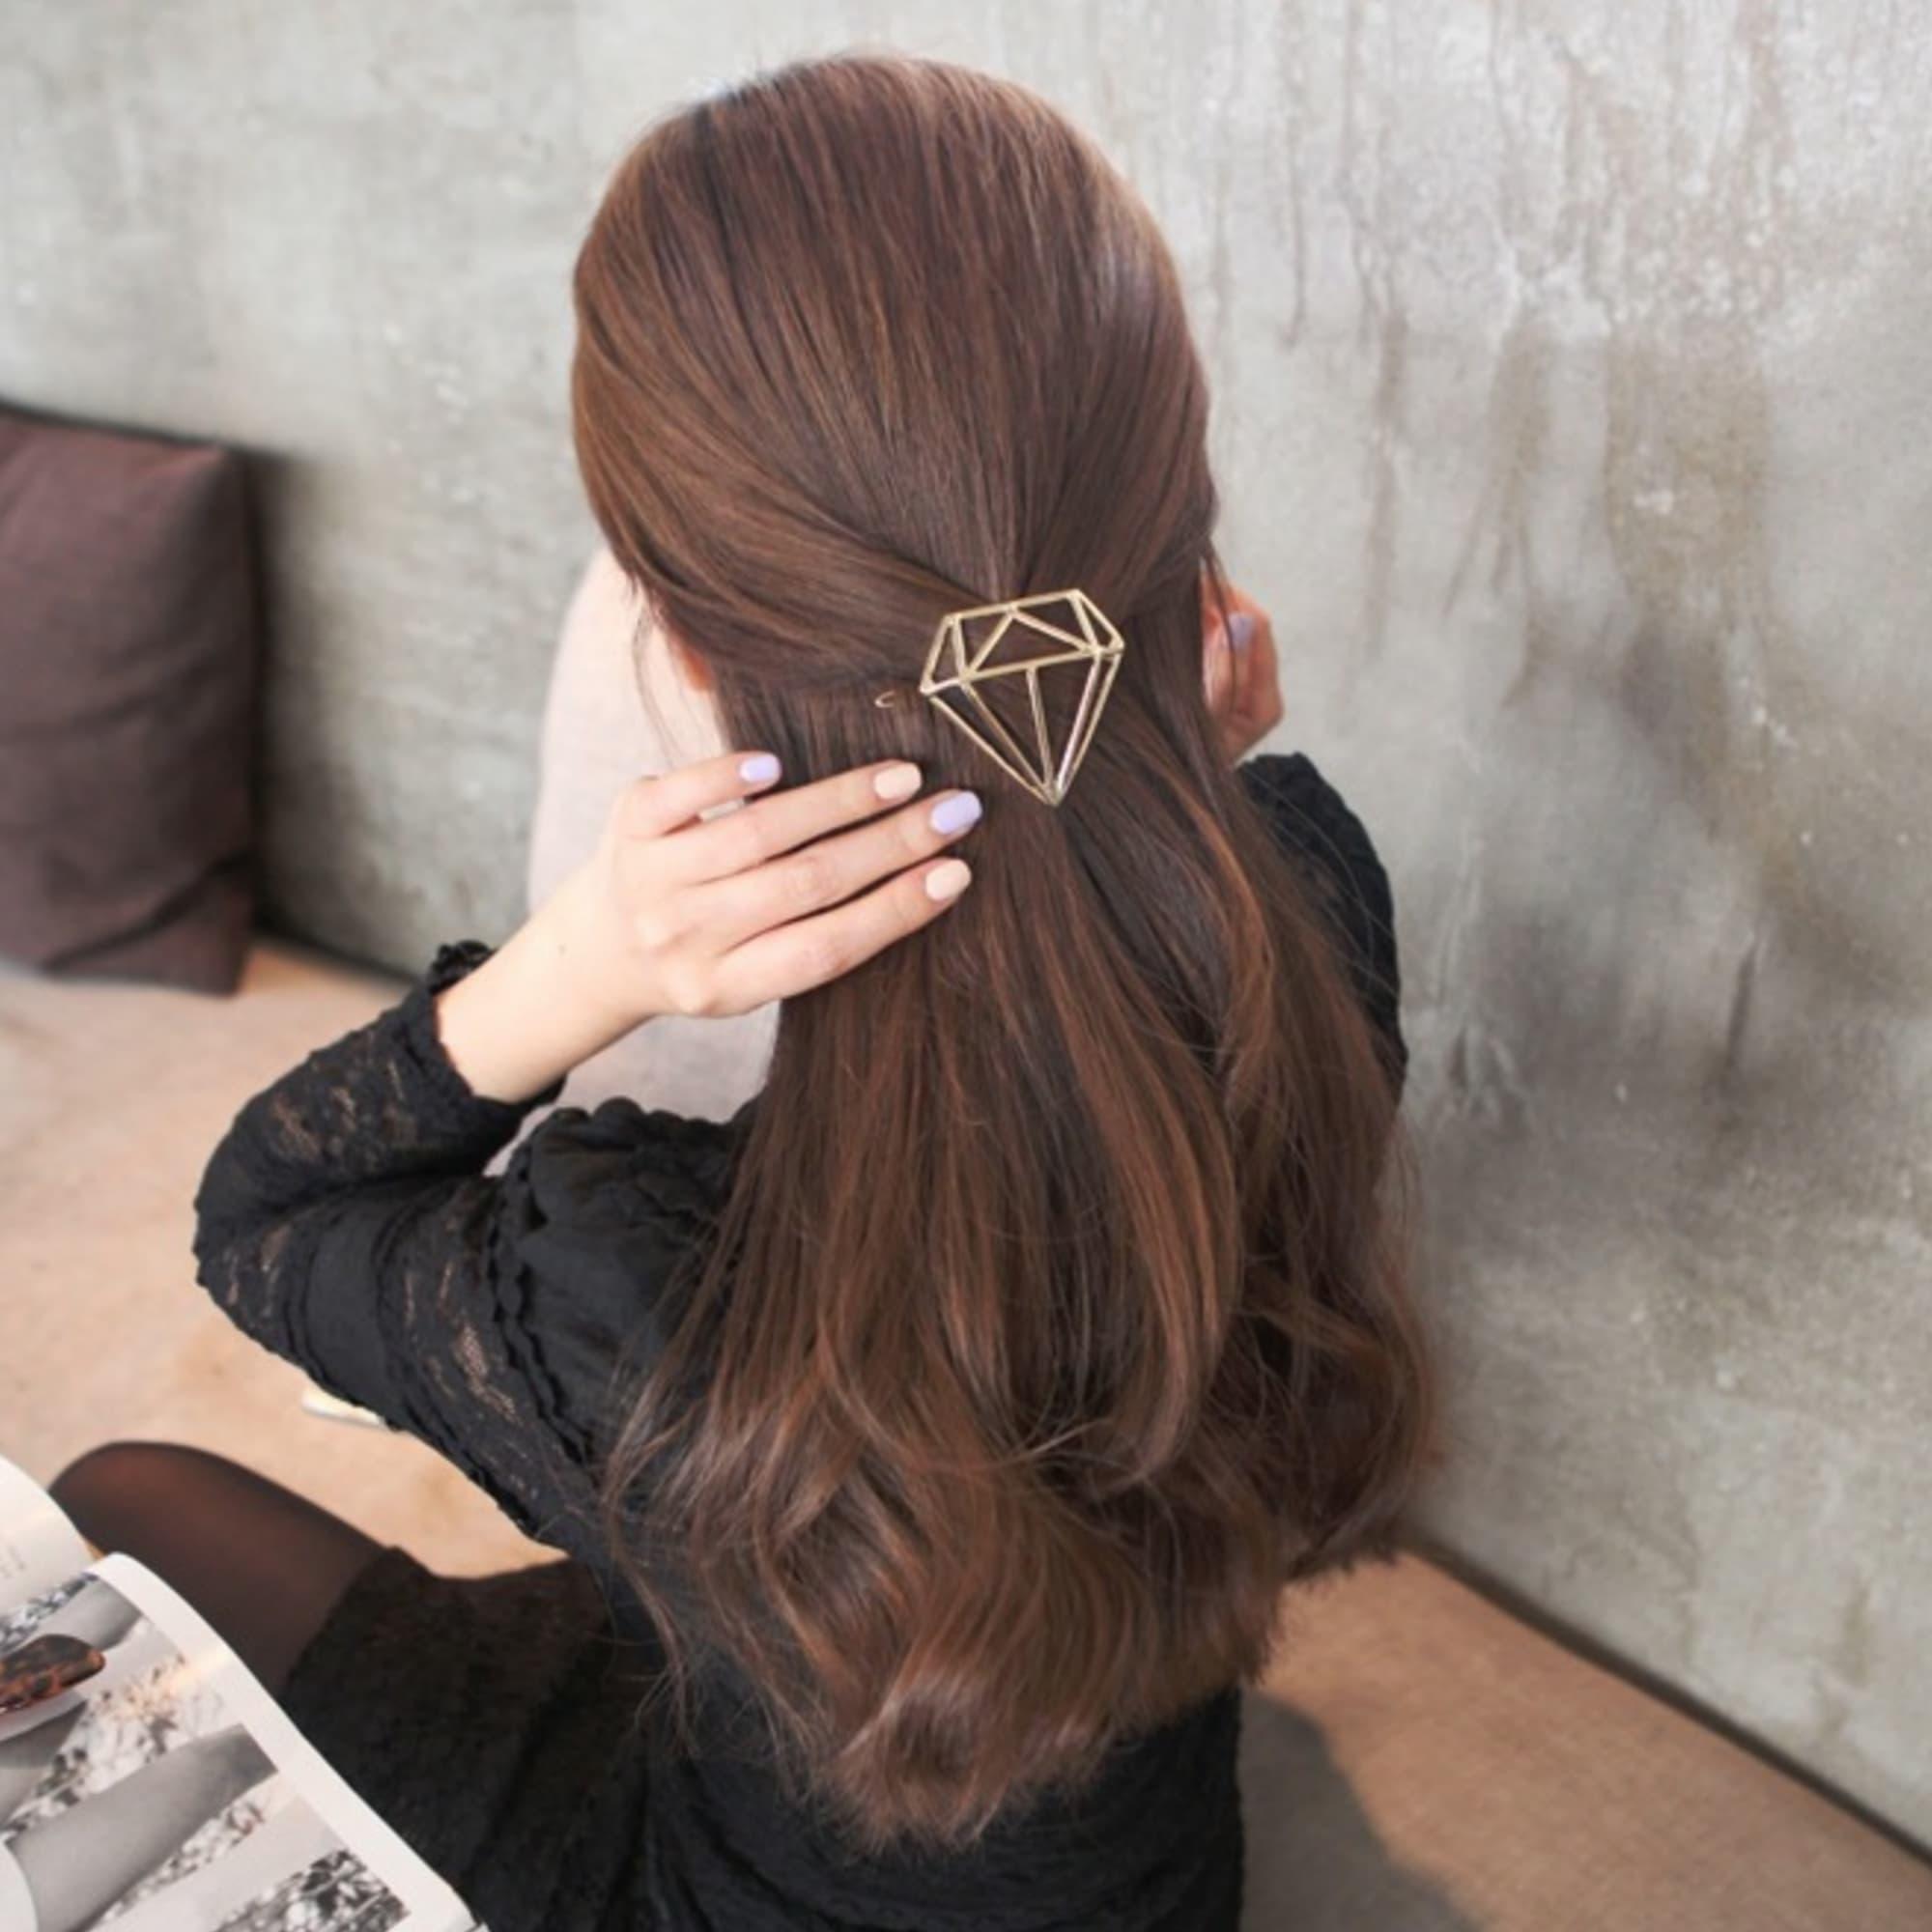 ... Predlžovanie vlasov a účesy - Spona do vlasov Diamond ... c627bf2998